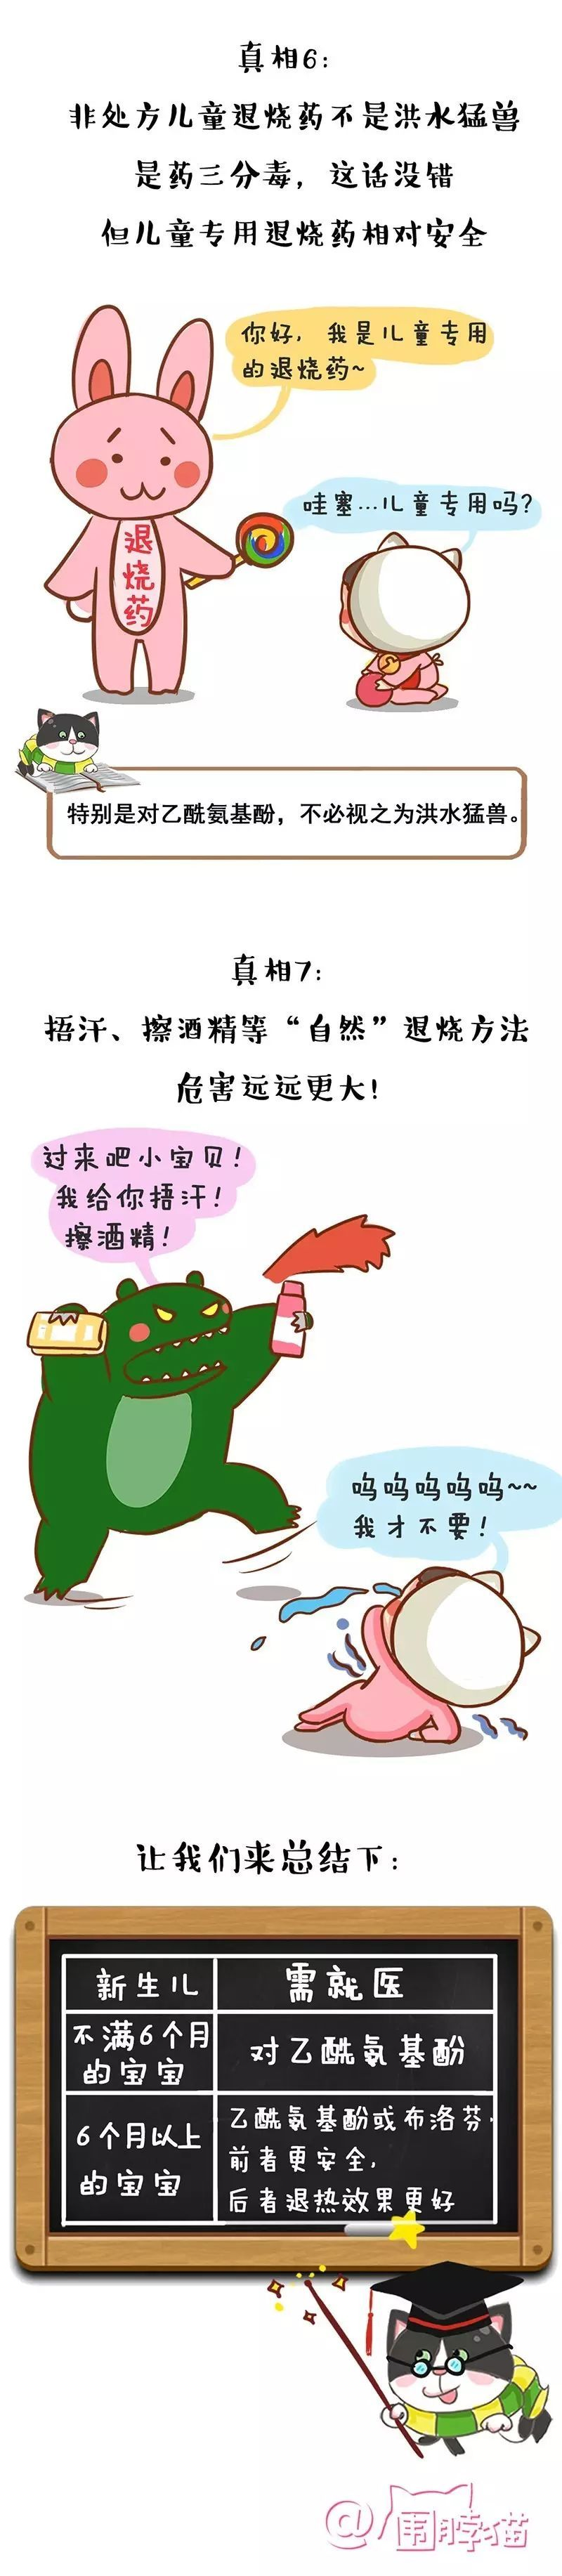 「工作动态」陈咀镇机关全体深入学习贯彻党的十九大精神